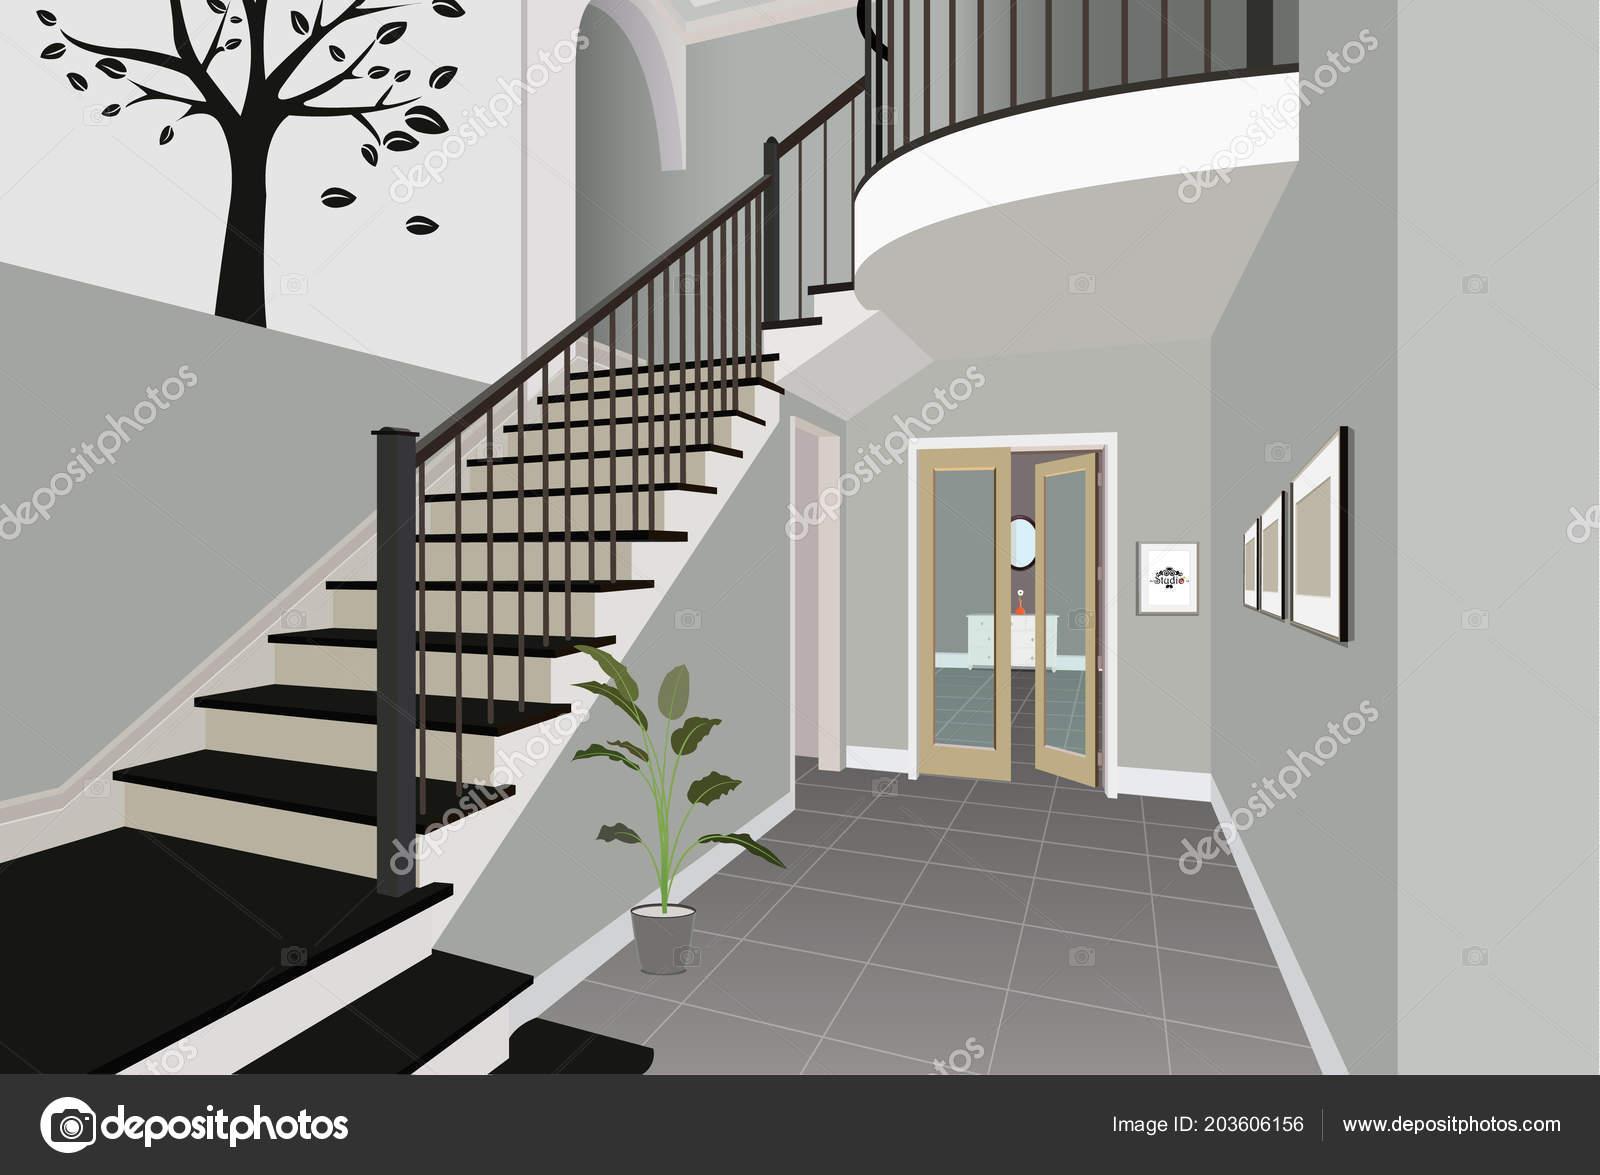 Vintage interieur van de hal met een trap ontwerp van moderne